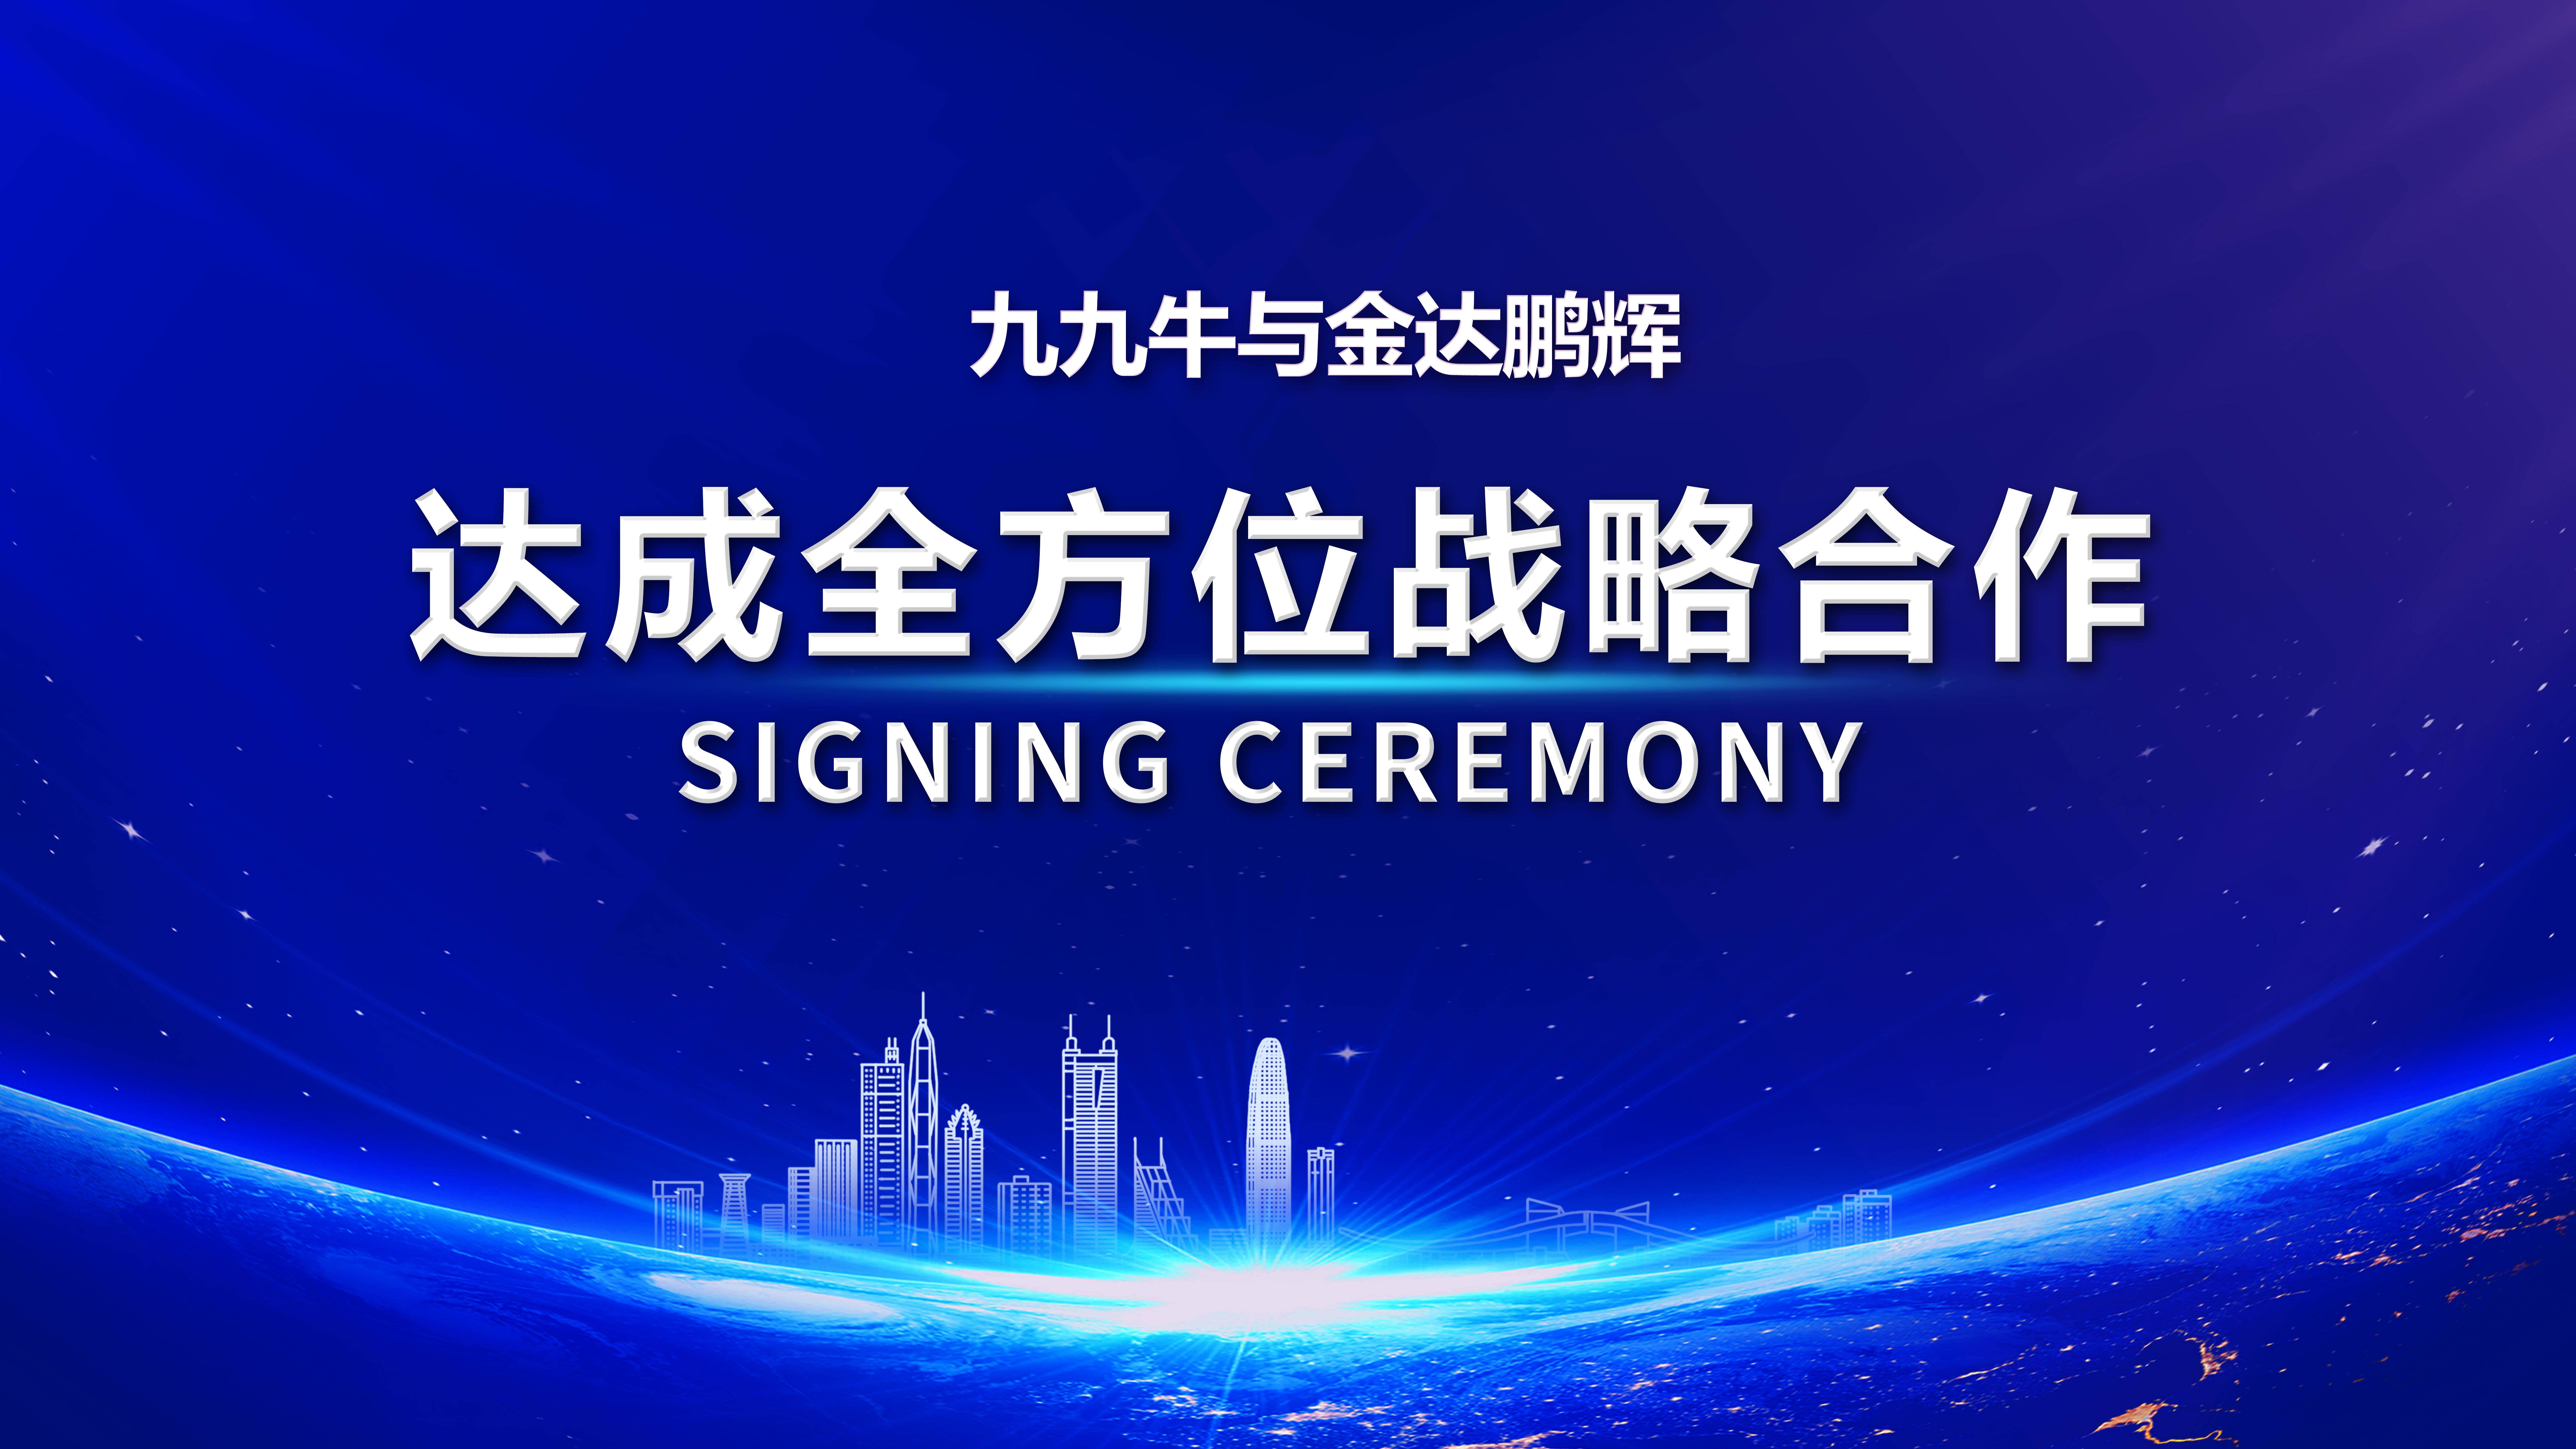 九九牛与金达鹏辉达成全方位战略合作,4000W投资筑造行业新规范!